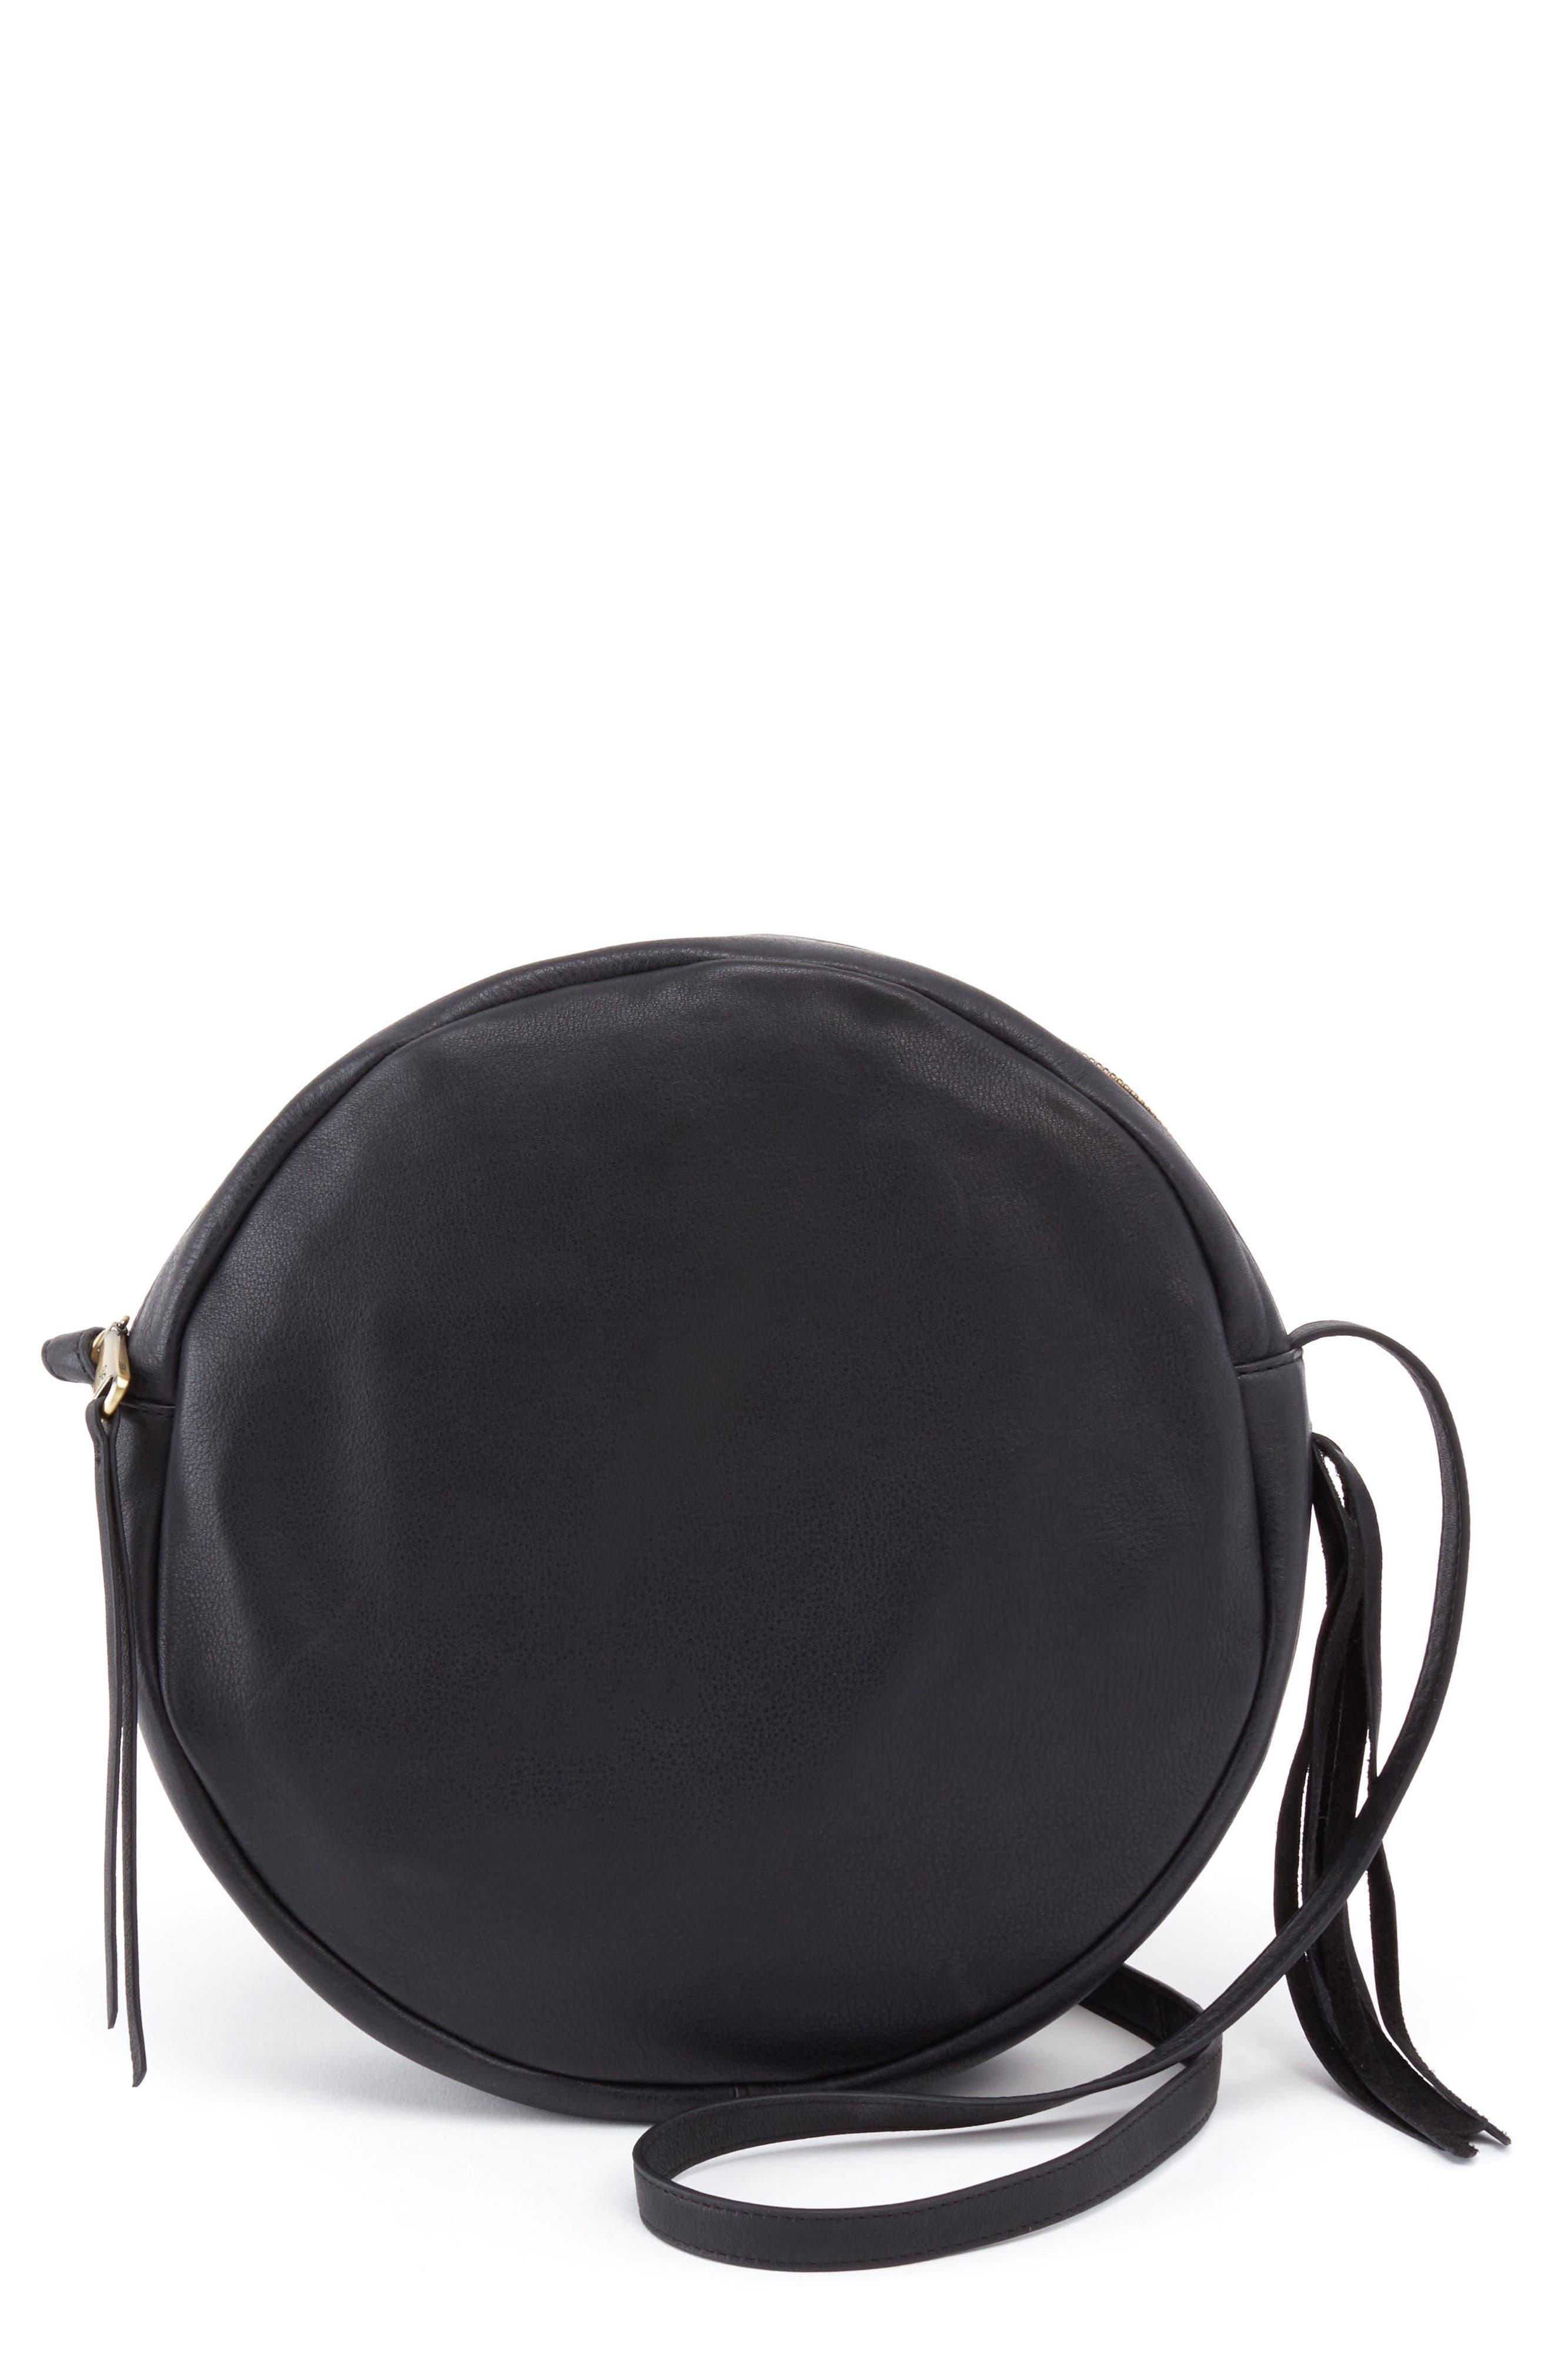 Hobo Union Leather Crossbody Bag